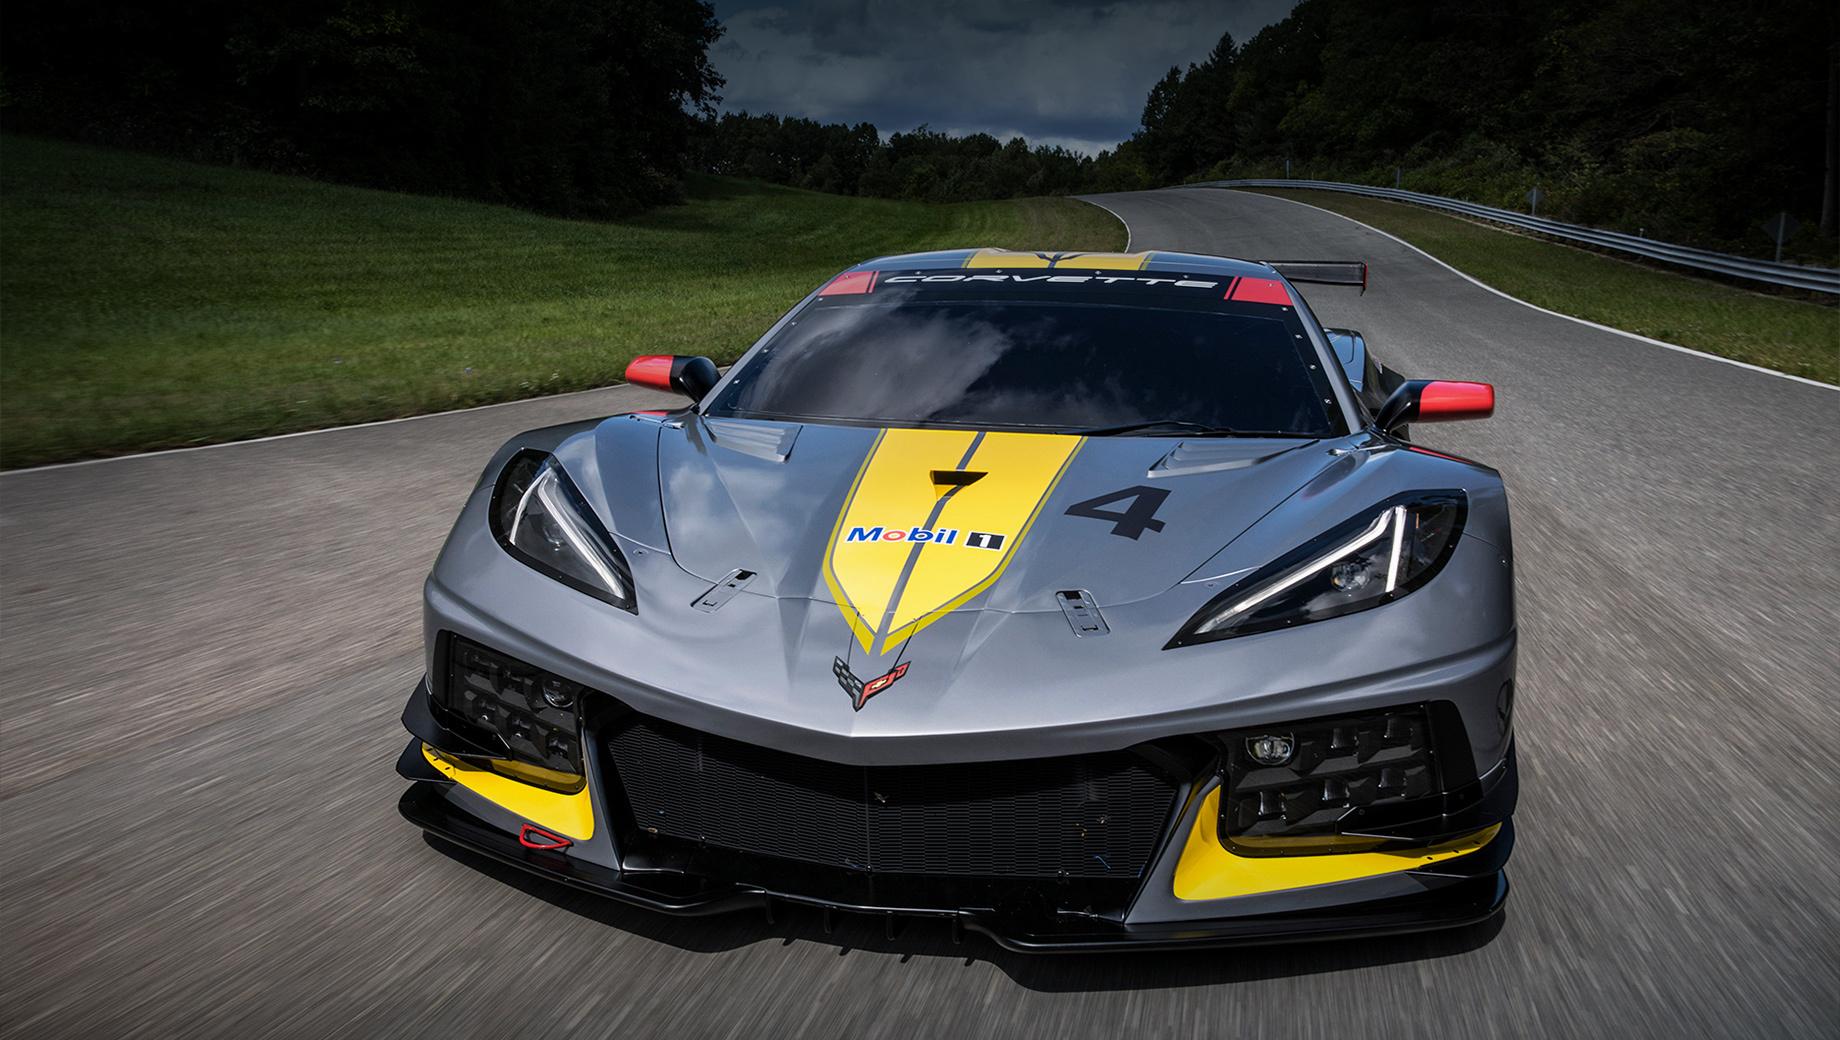 Chevrolet corvette,Chevrolet corvette z06. Модель Corvette Z06 будет напоминать гоночное купе C8.R (на фото) схожим дизайном переднего бампера с характерными L-образными элементами и крупным центральным воздухозаборником. Будет у Z06 и антикрыло, но поменьше и сложной формы, как у суперкаров Koenigsegg.